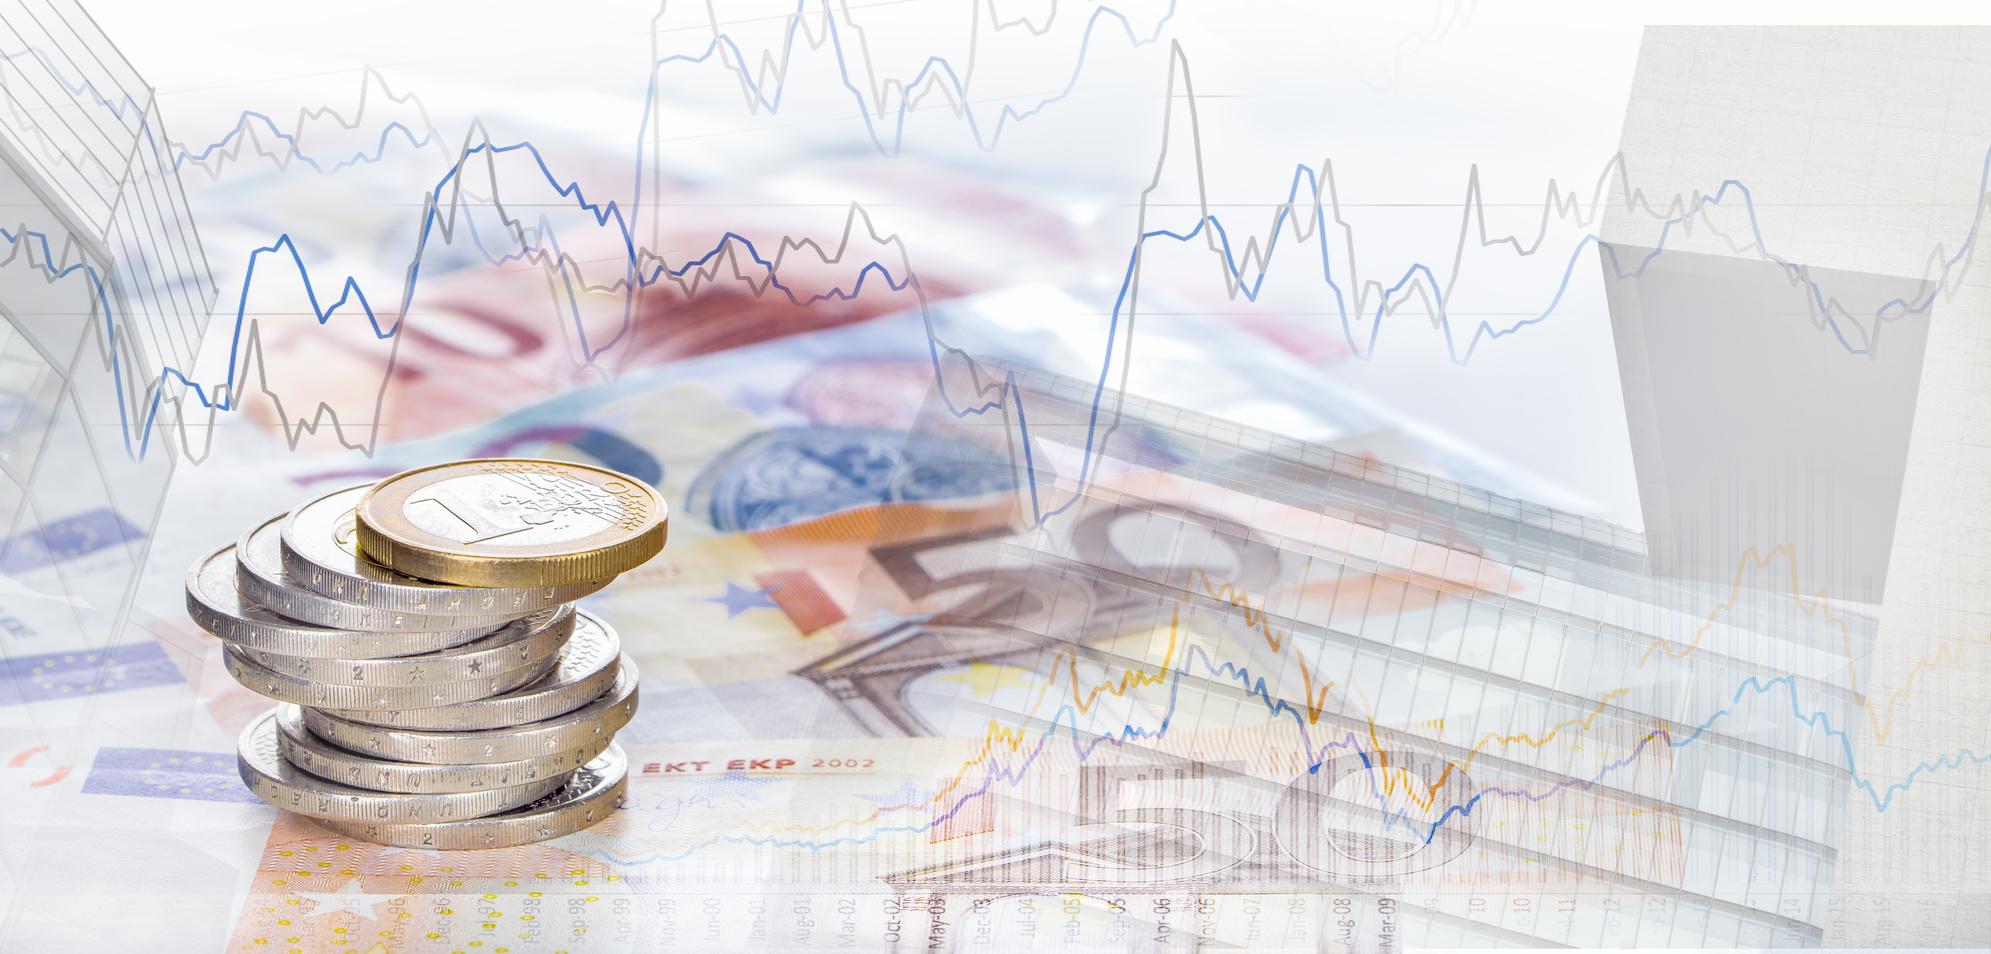 Finanzglossar - Durchblick von A wie Aktien bis Z wie Zins ...